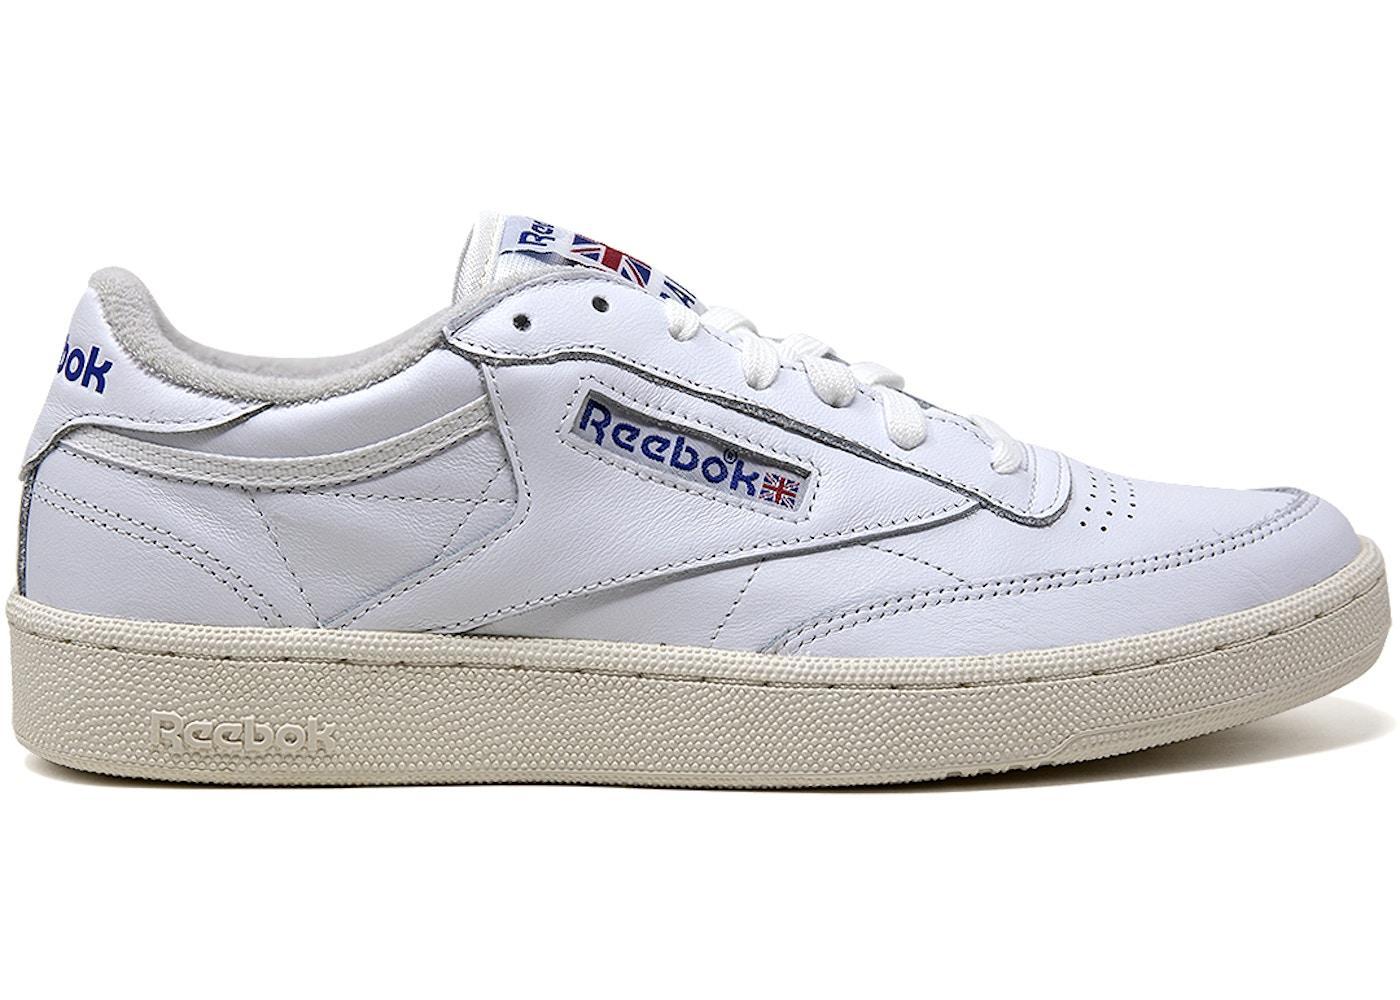 5c0eaf6534d1fc Buy Reebok Shoes   Deadstock Sneakers